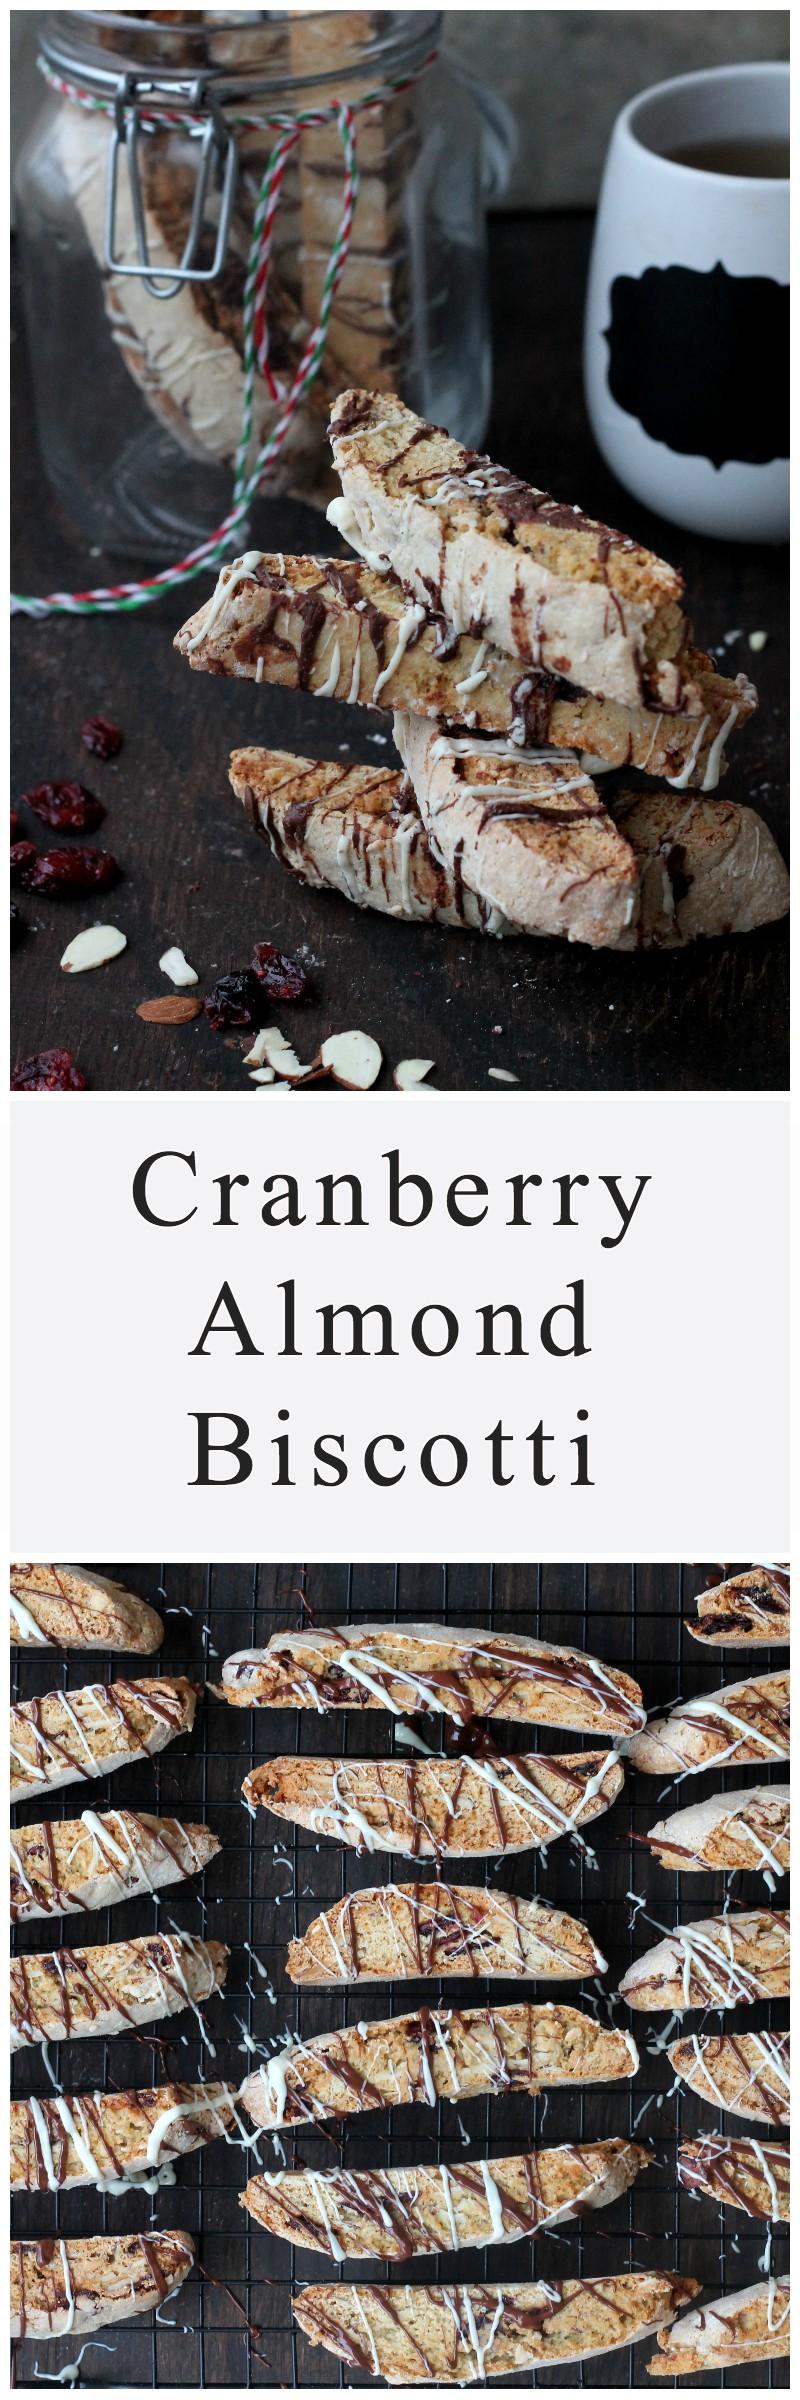 cranberryalmondbisCotti